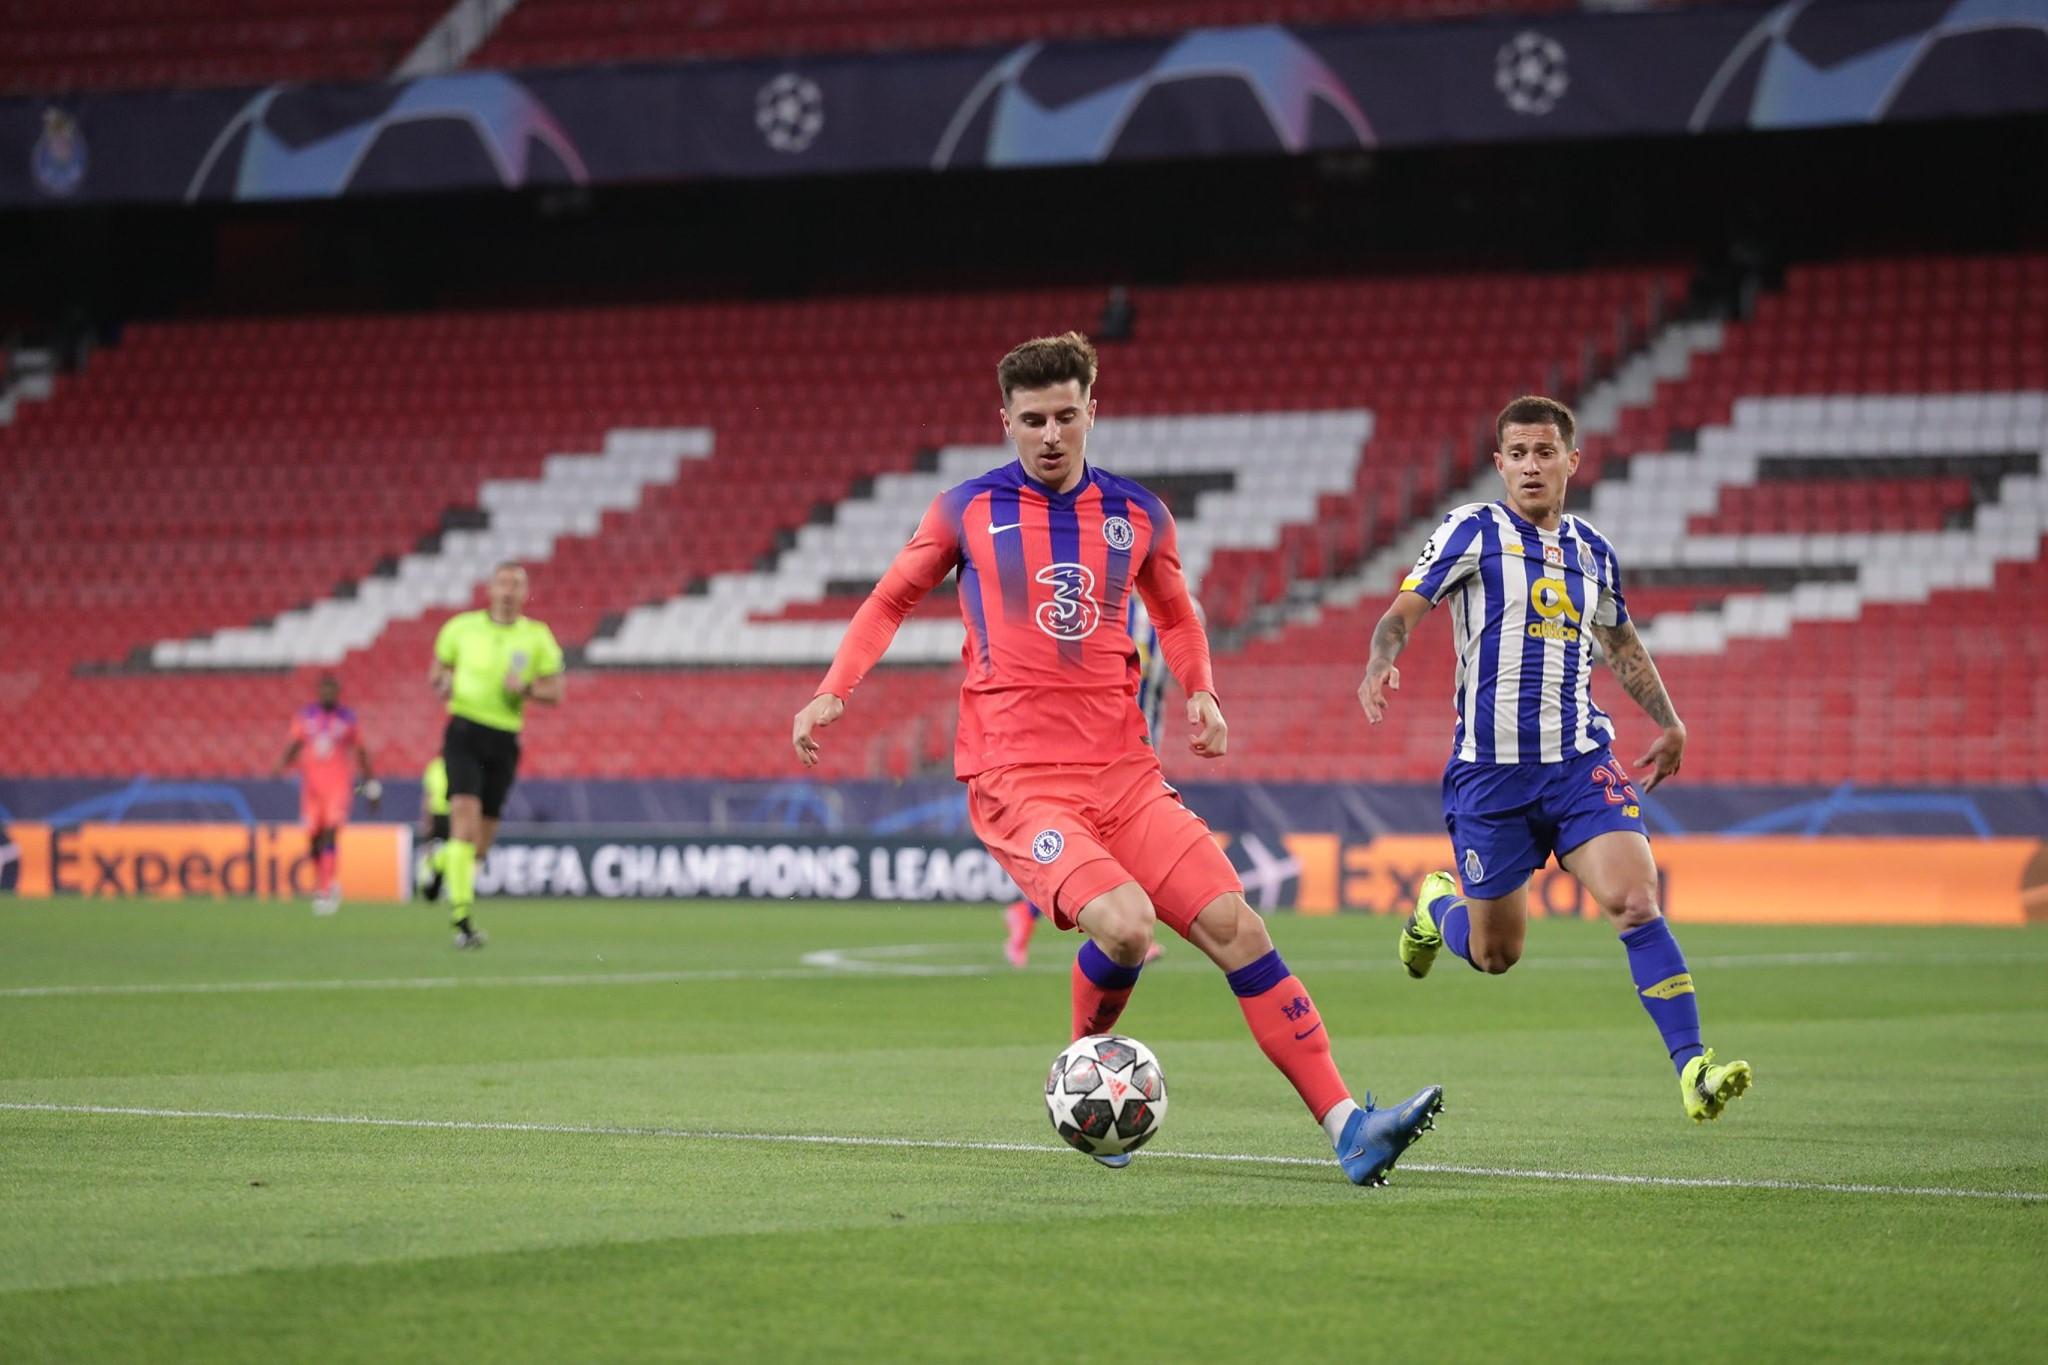 Liga Mistrzów: Wyrachowana Chelsea, pechowe FC Porto - Piłkarski Świat.com